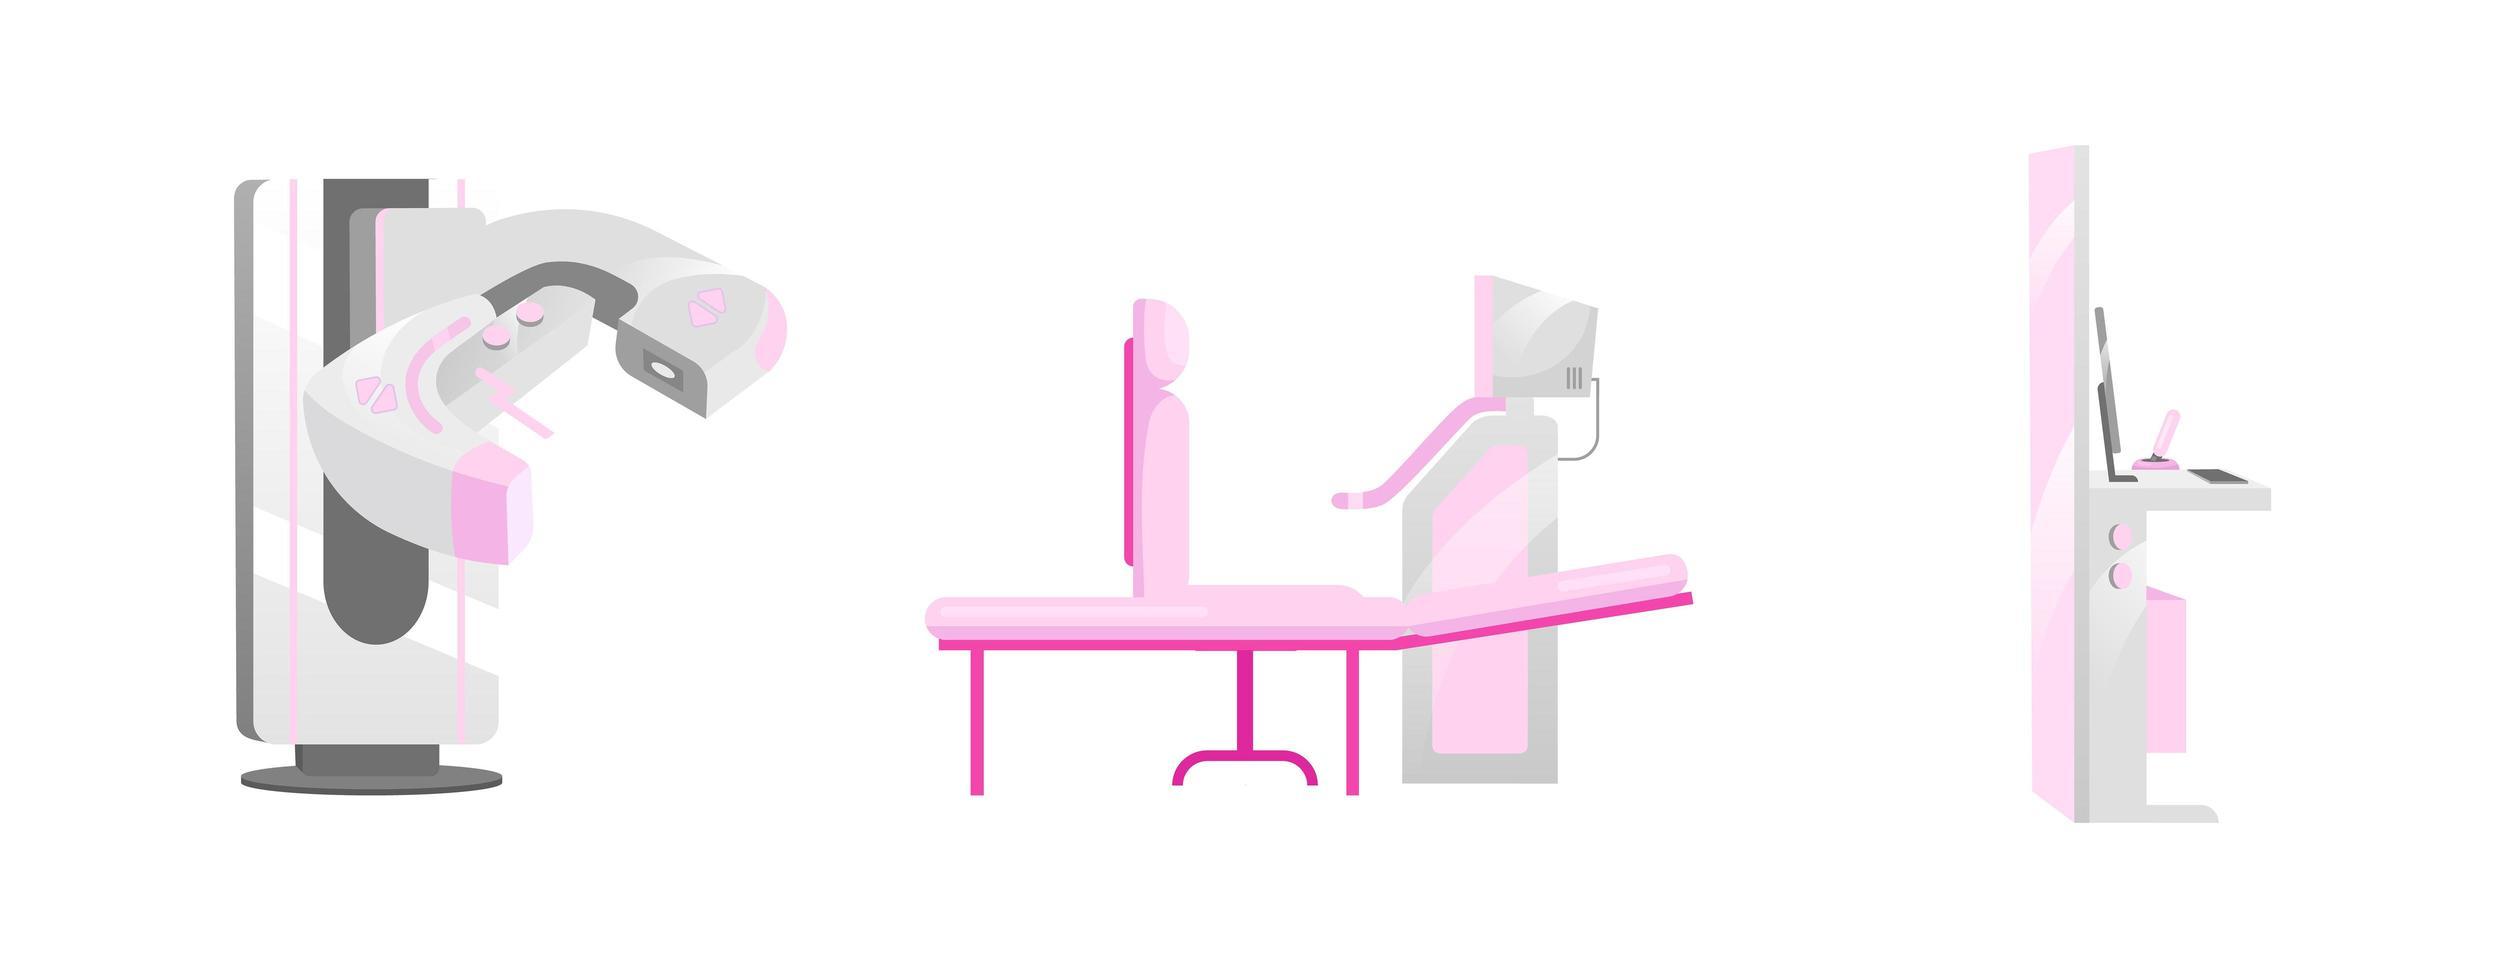 mammografi utrustning objekt set vektor